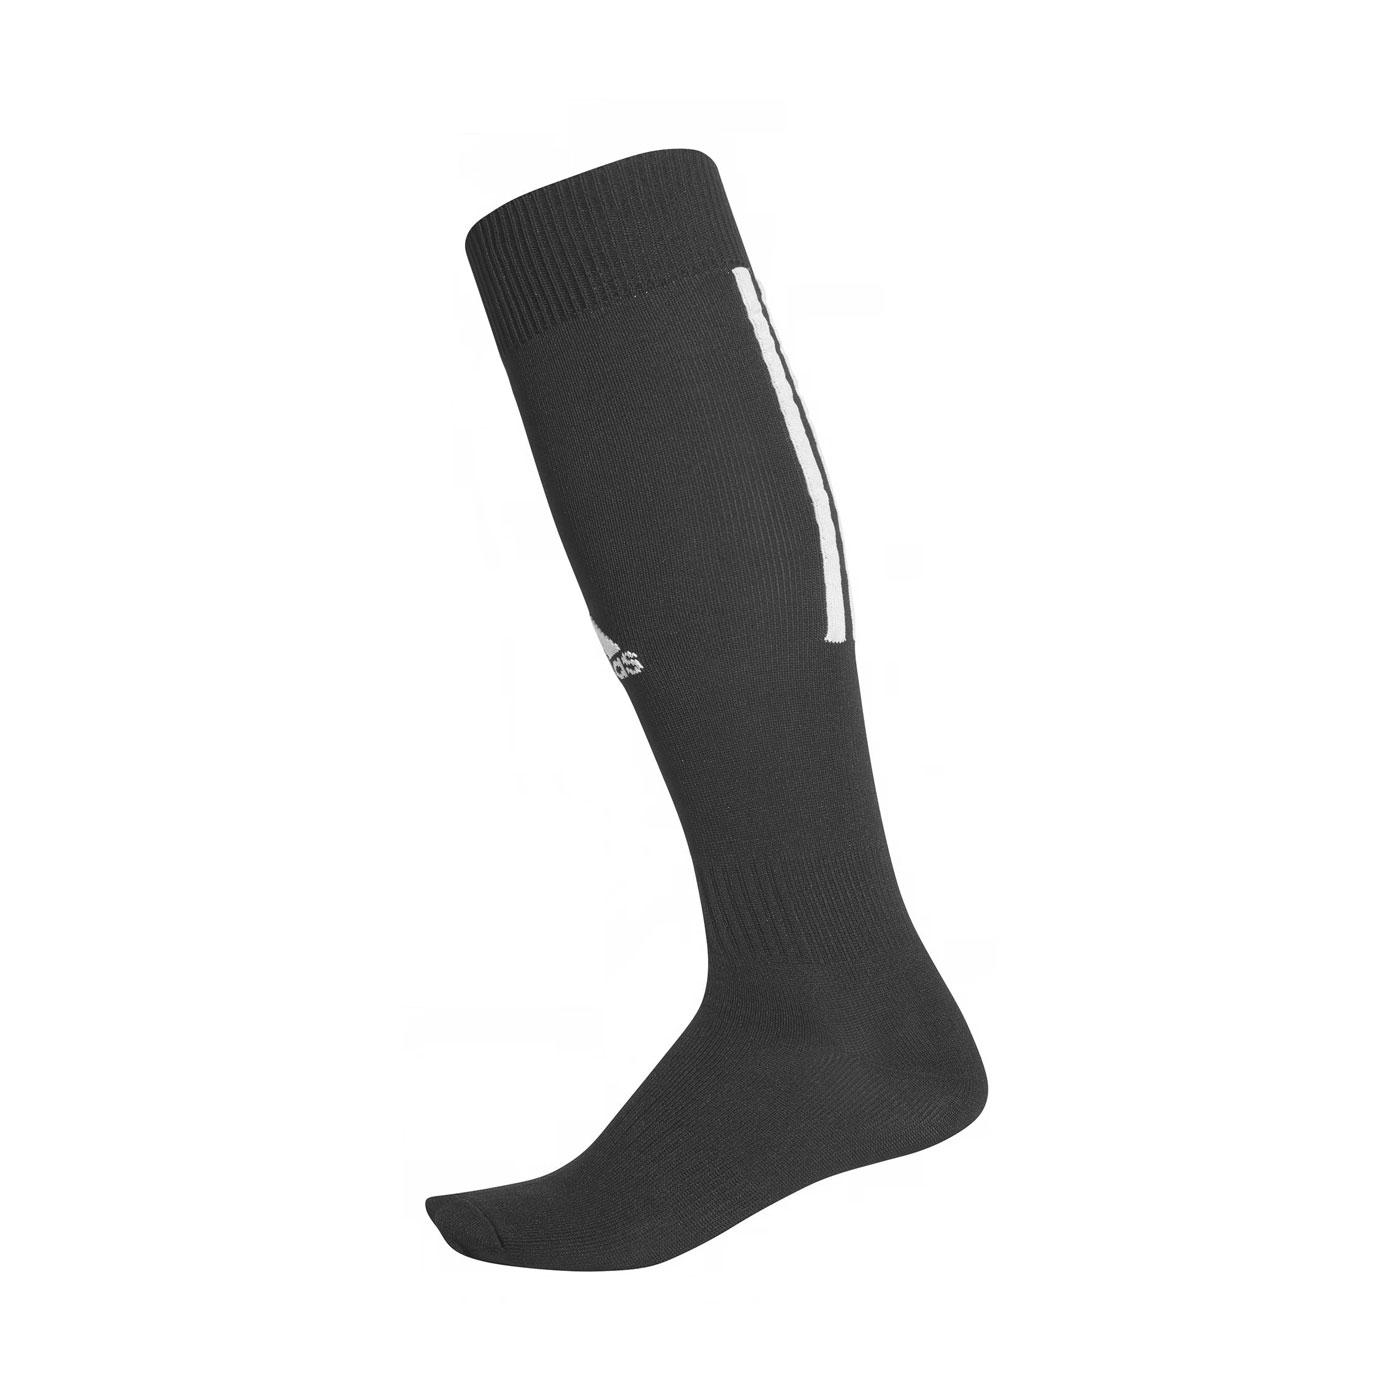 ADIDAS 襪子 CV3588 - 黑白